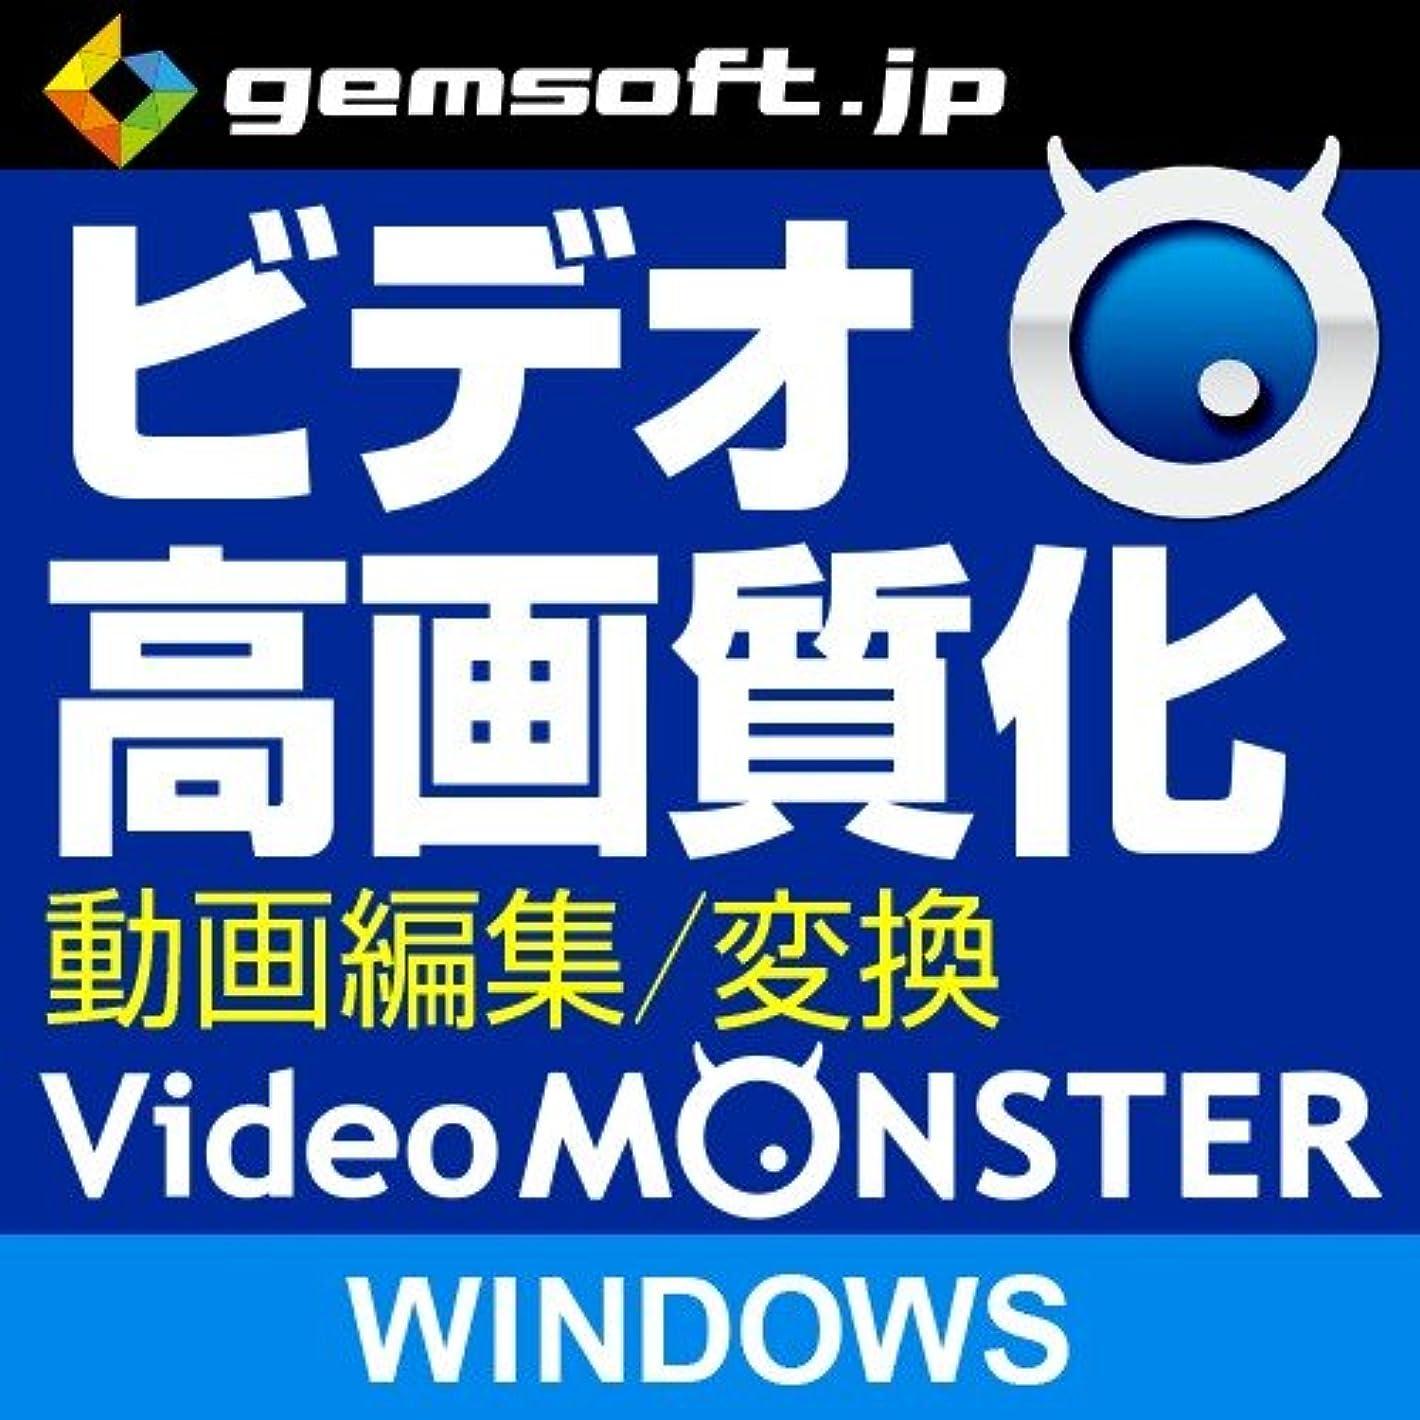 薄める増幅器ルーチンVideo MONSTER ?ビデオを簡単キレイに高画質化?編集?変換! (Win版)|ダウンロード版